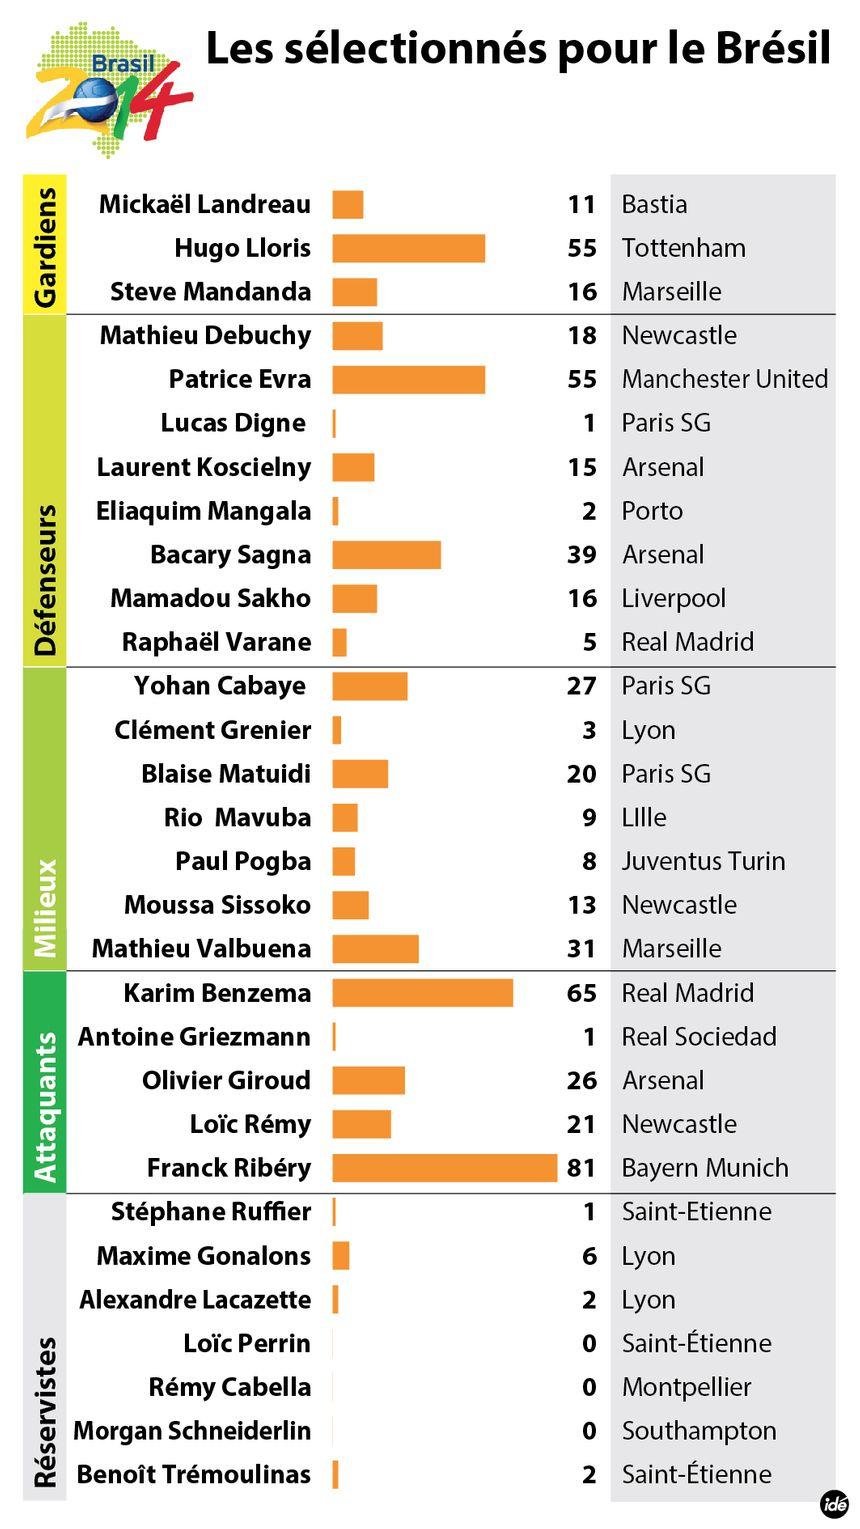 La liste des joueurs sélectionnés pour la coupe du monde